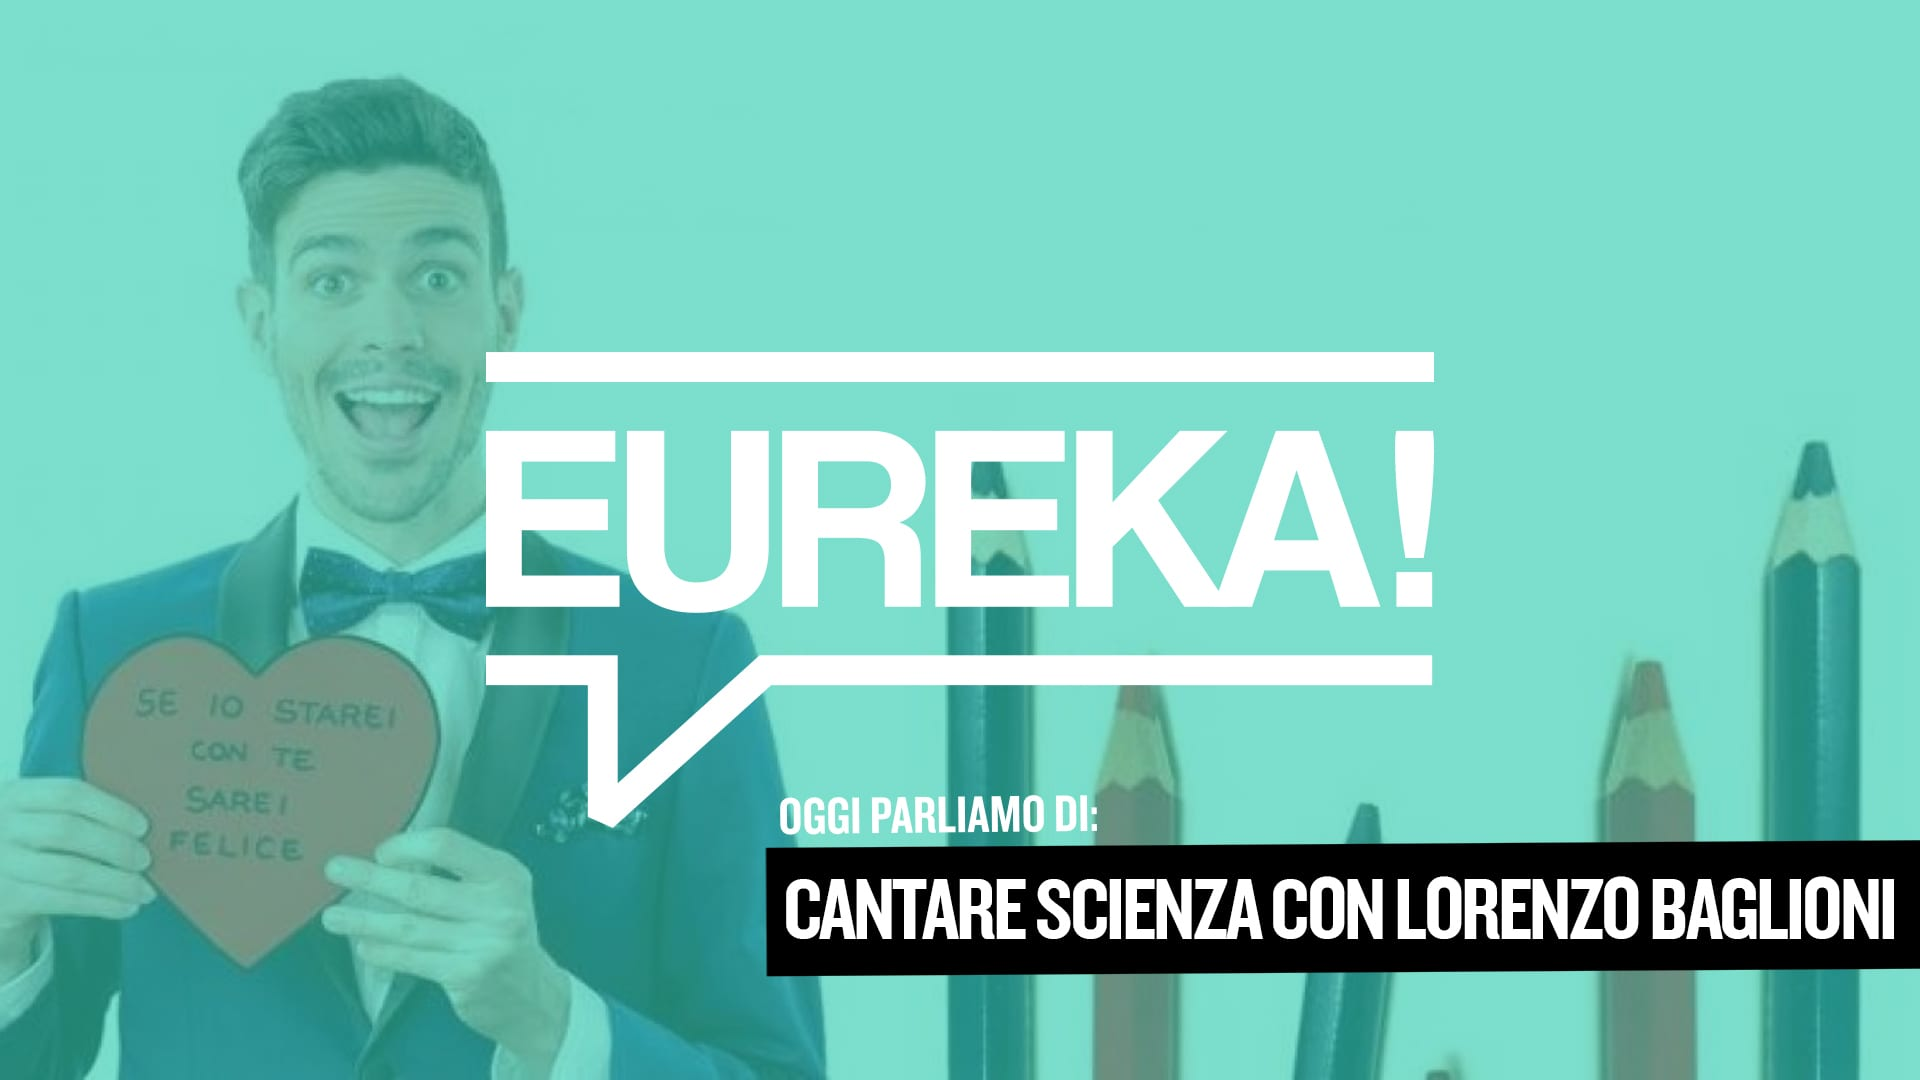 Eureka! 18 – Cantare scienza con Lorenzo Baglioni